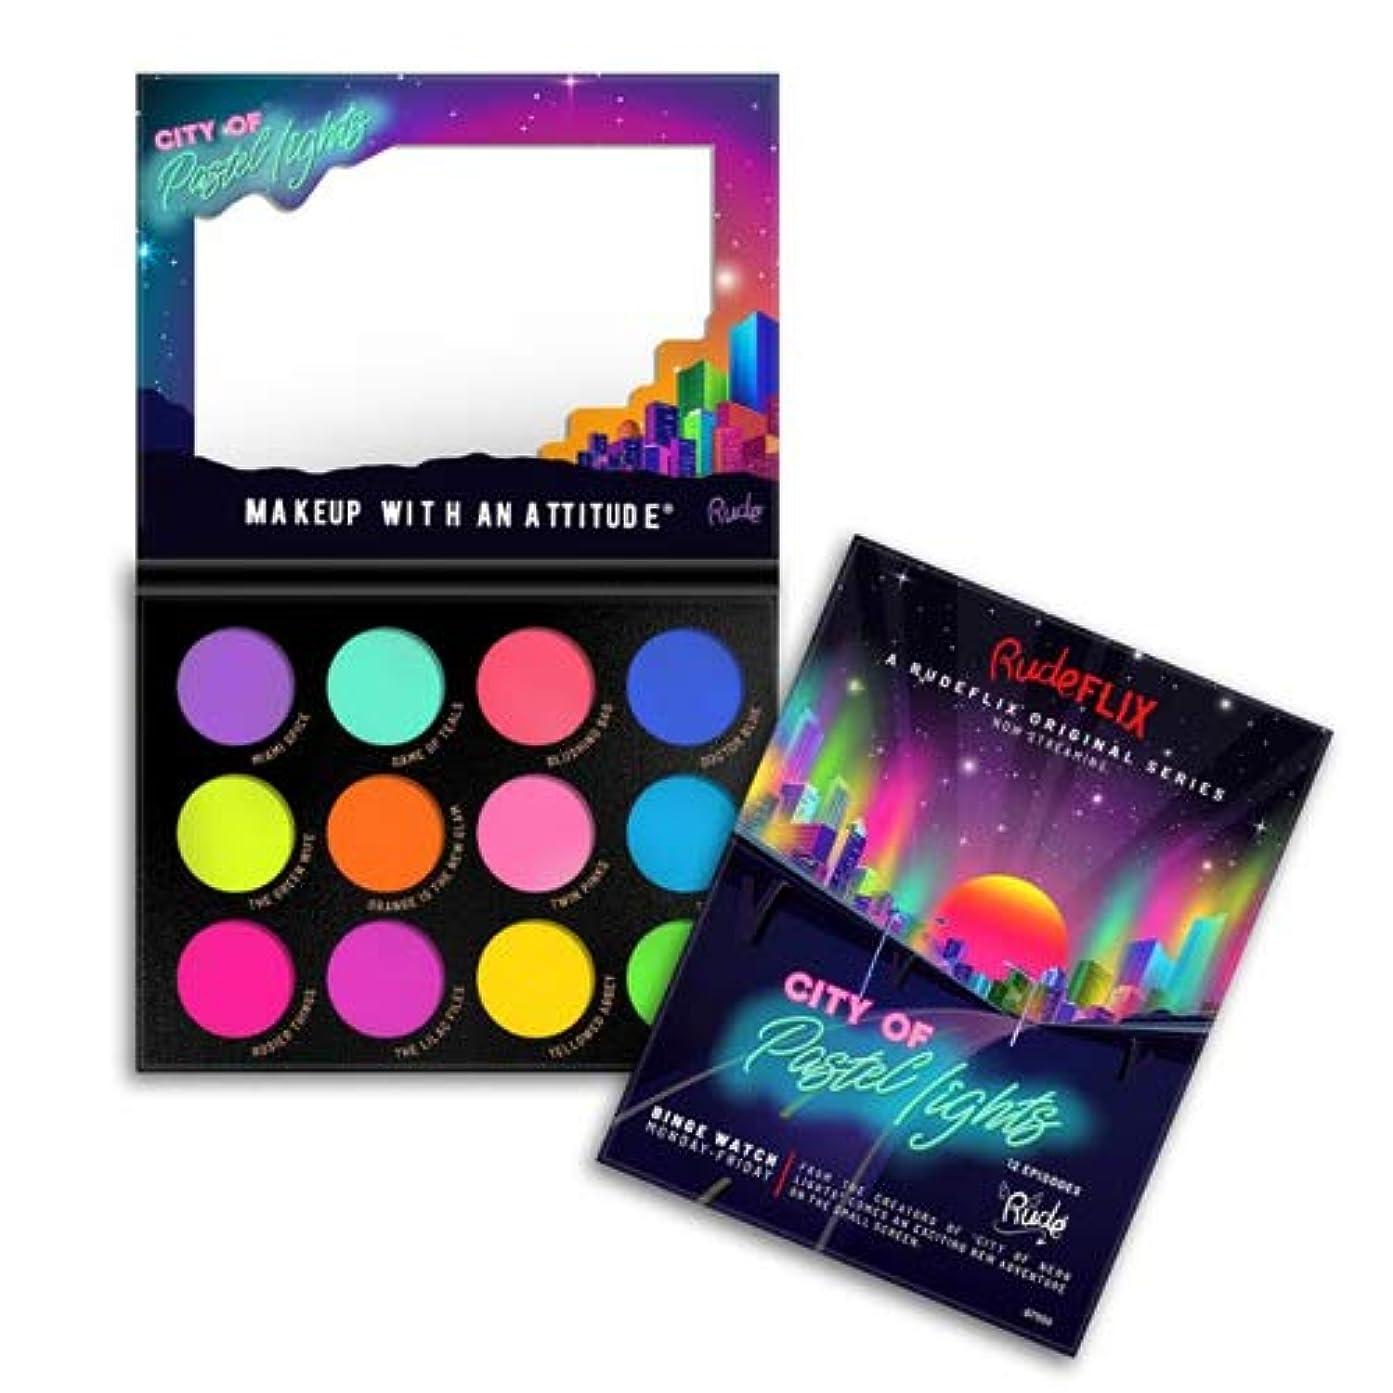 収益円形の音楽RUDE City of Pastel Lights - 12 Pastel Pigment & Eyeshadow Palette (6 Pack) (並行輸入品)